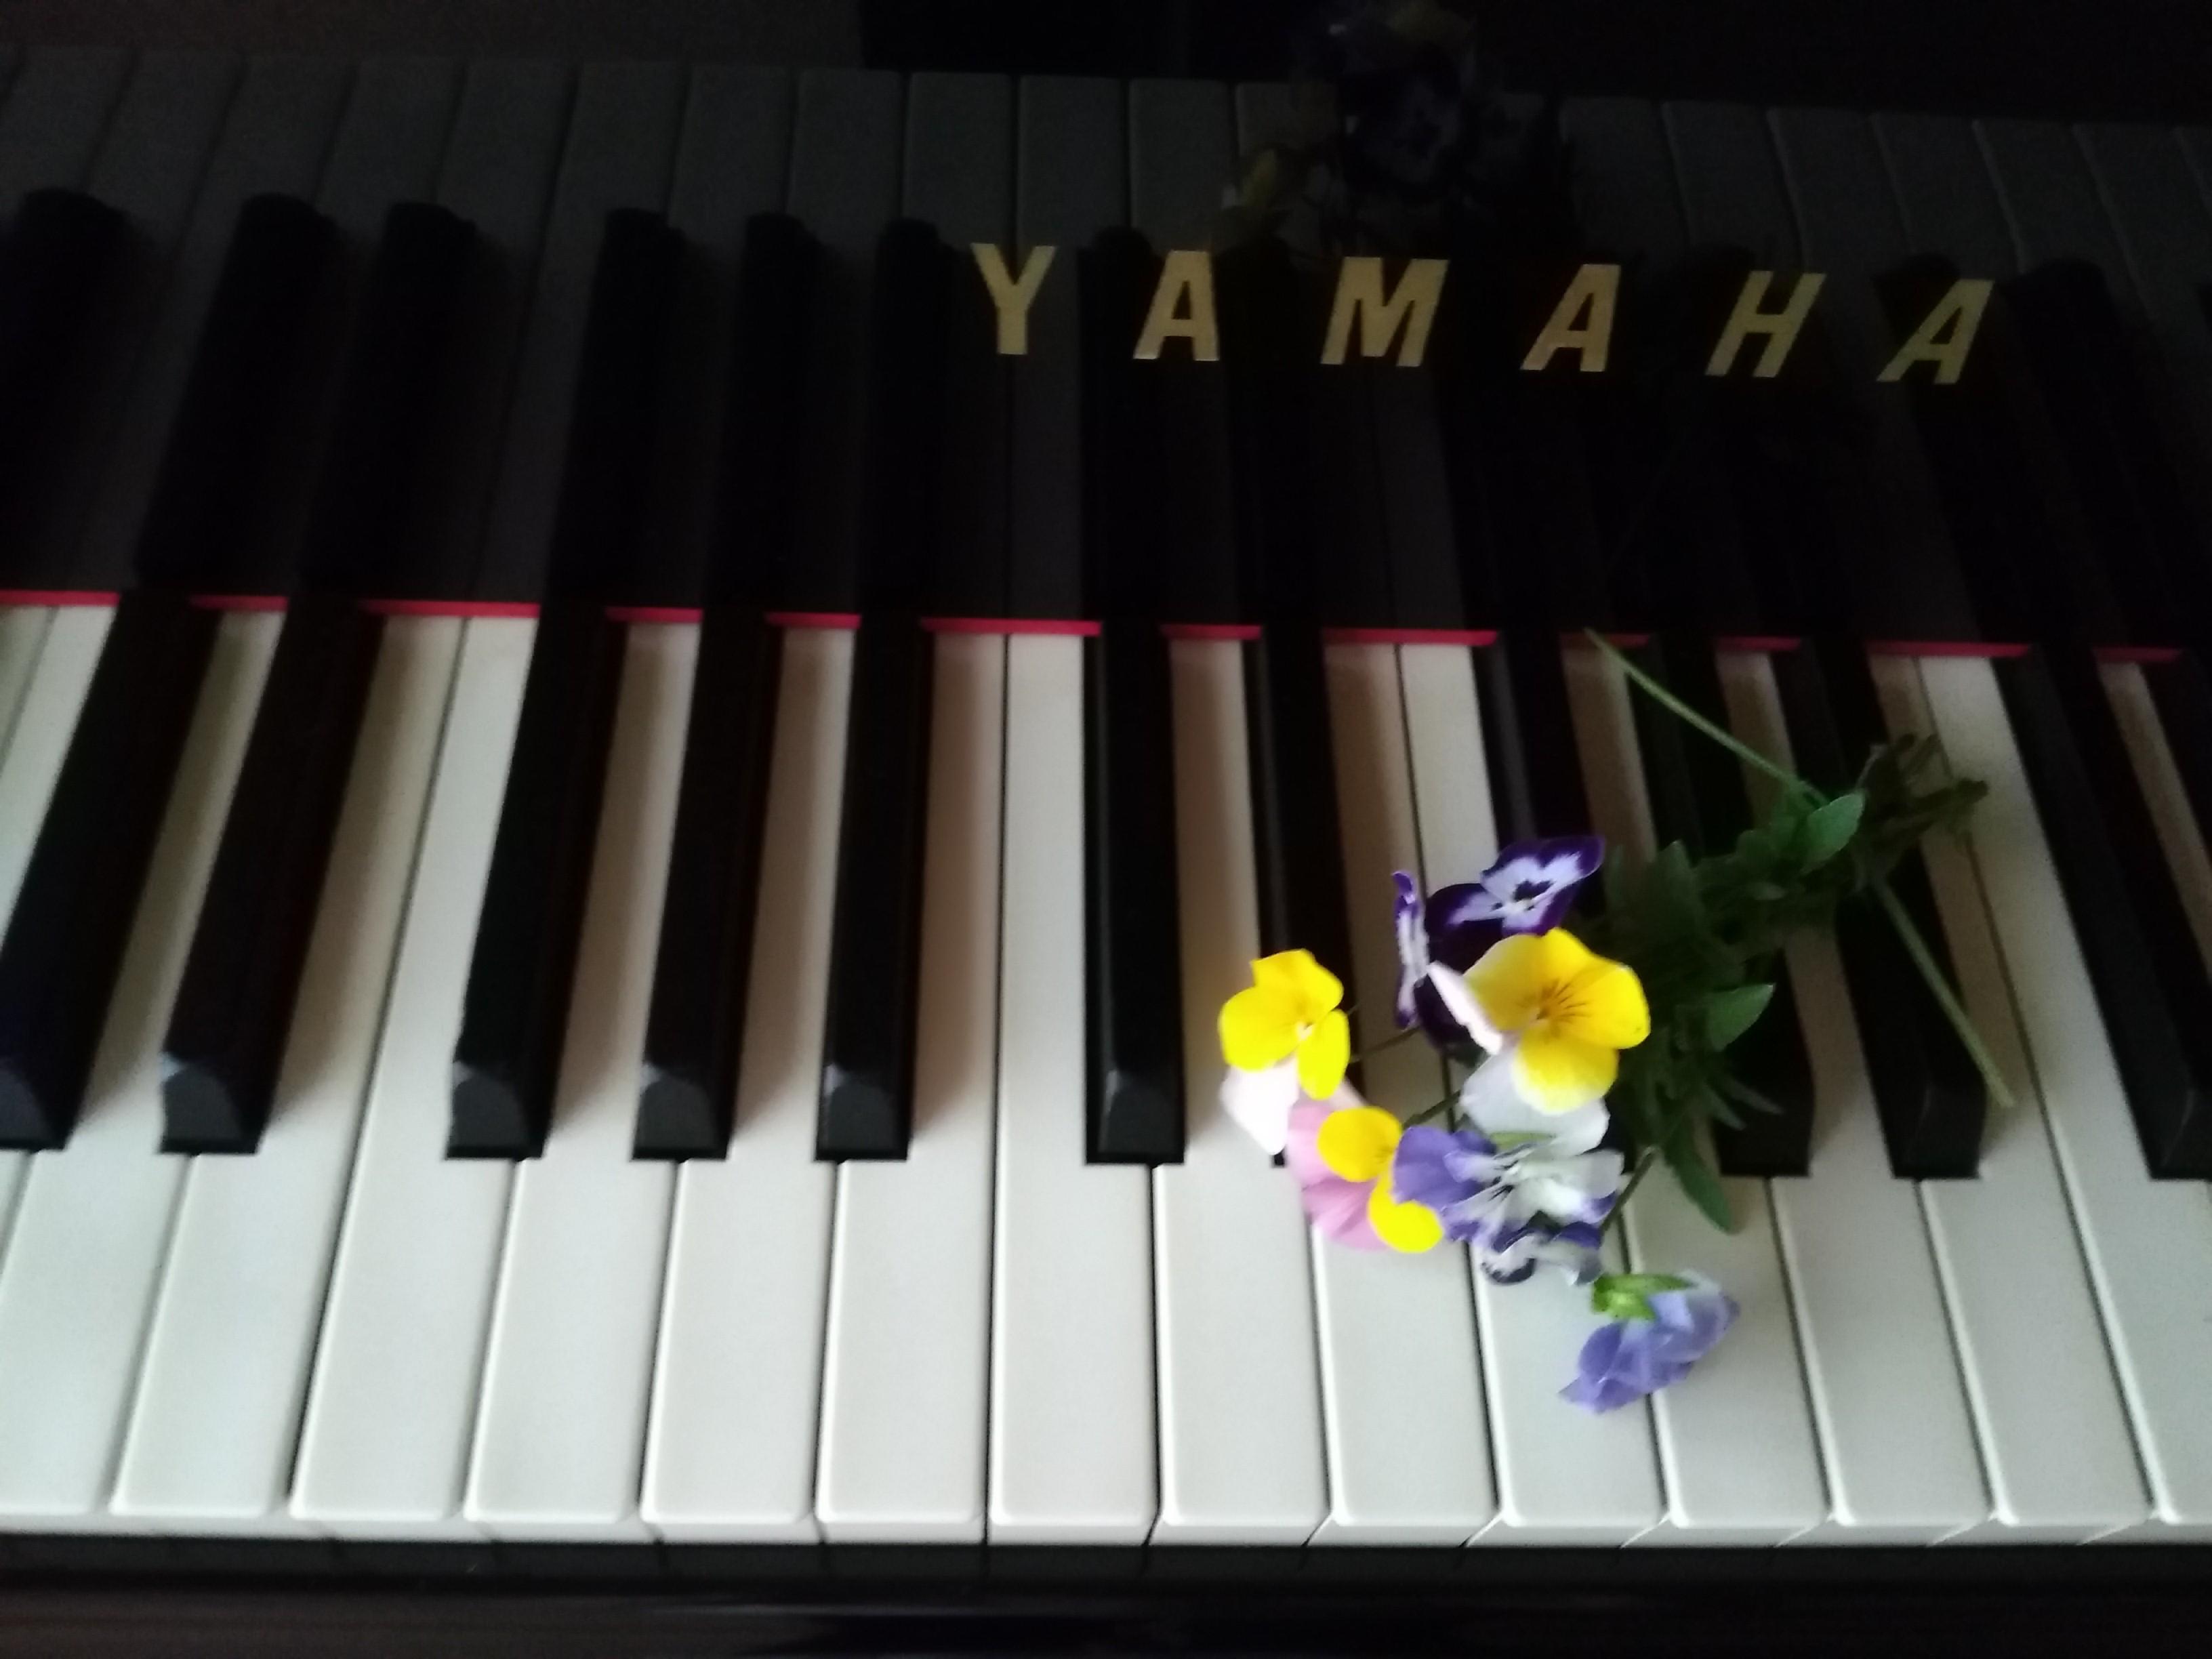 ピアノ鍵盤のタッチ!「本物の生ピアノ」でないとダメなの!?